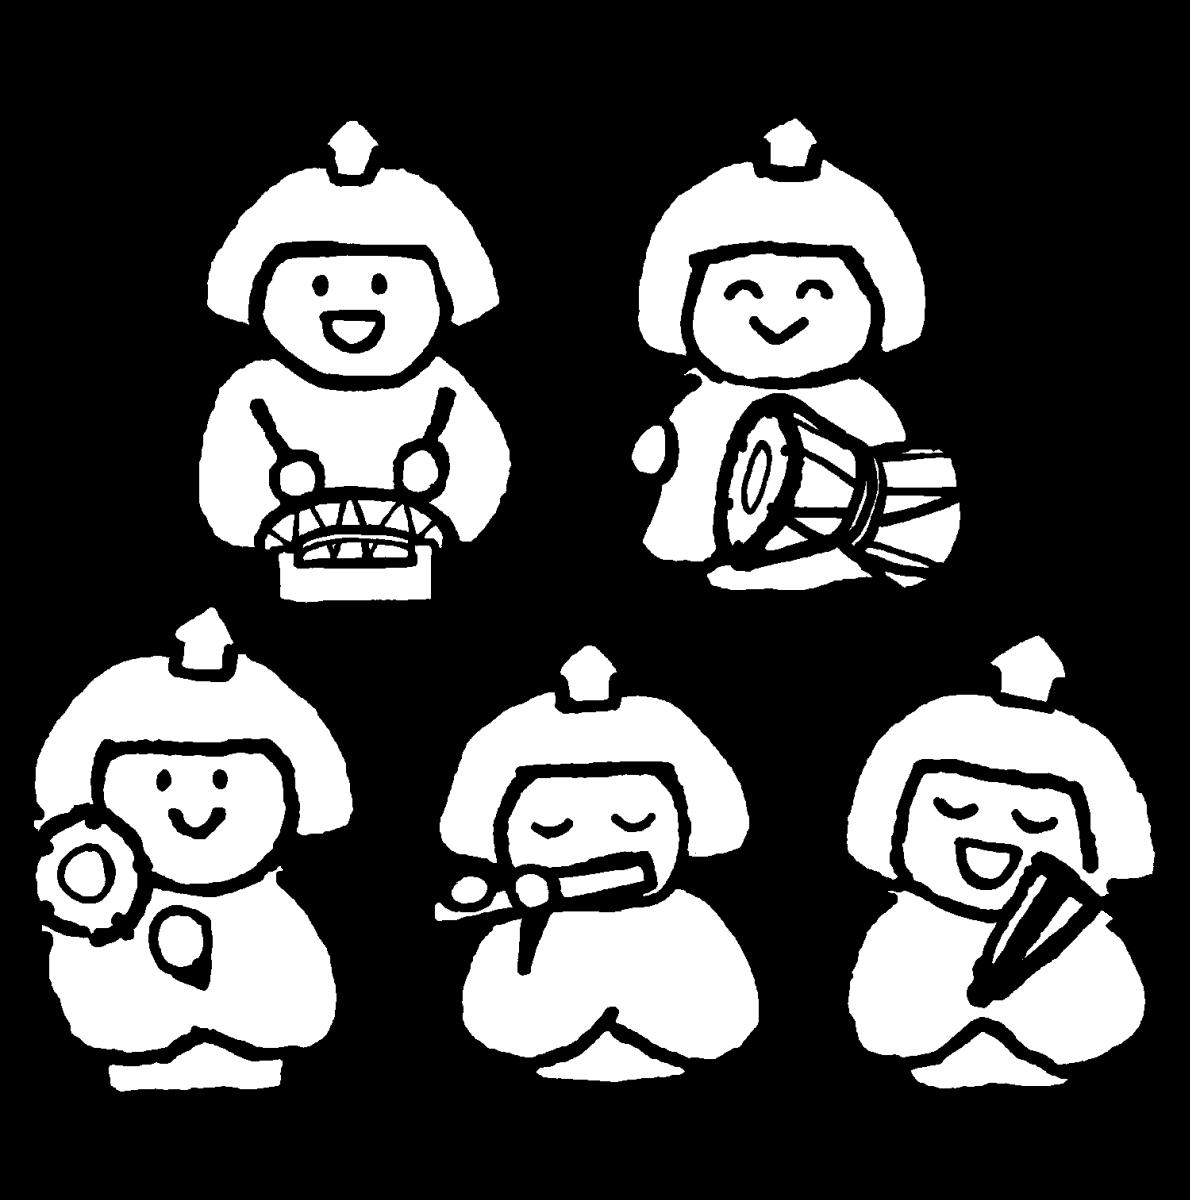 五人囃子(ひな人形/バラ有)のイラスト / Gonin-bayashi (Doll for Girls' Festival/individual) Illustration